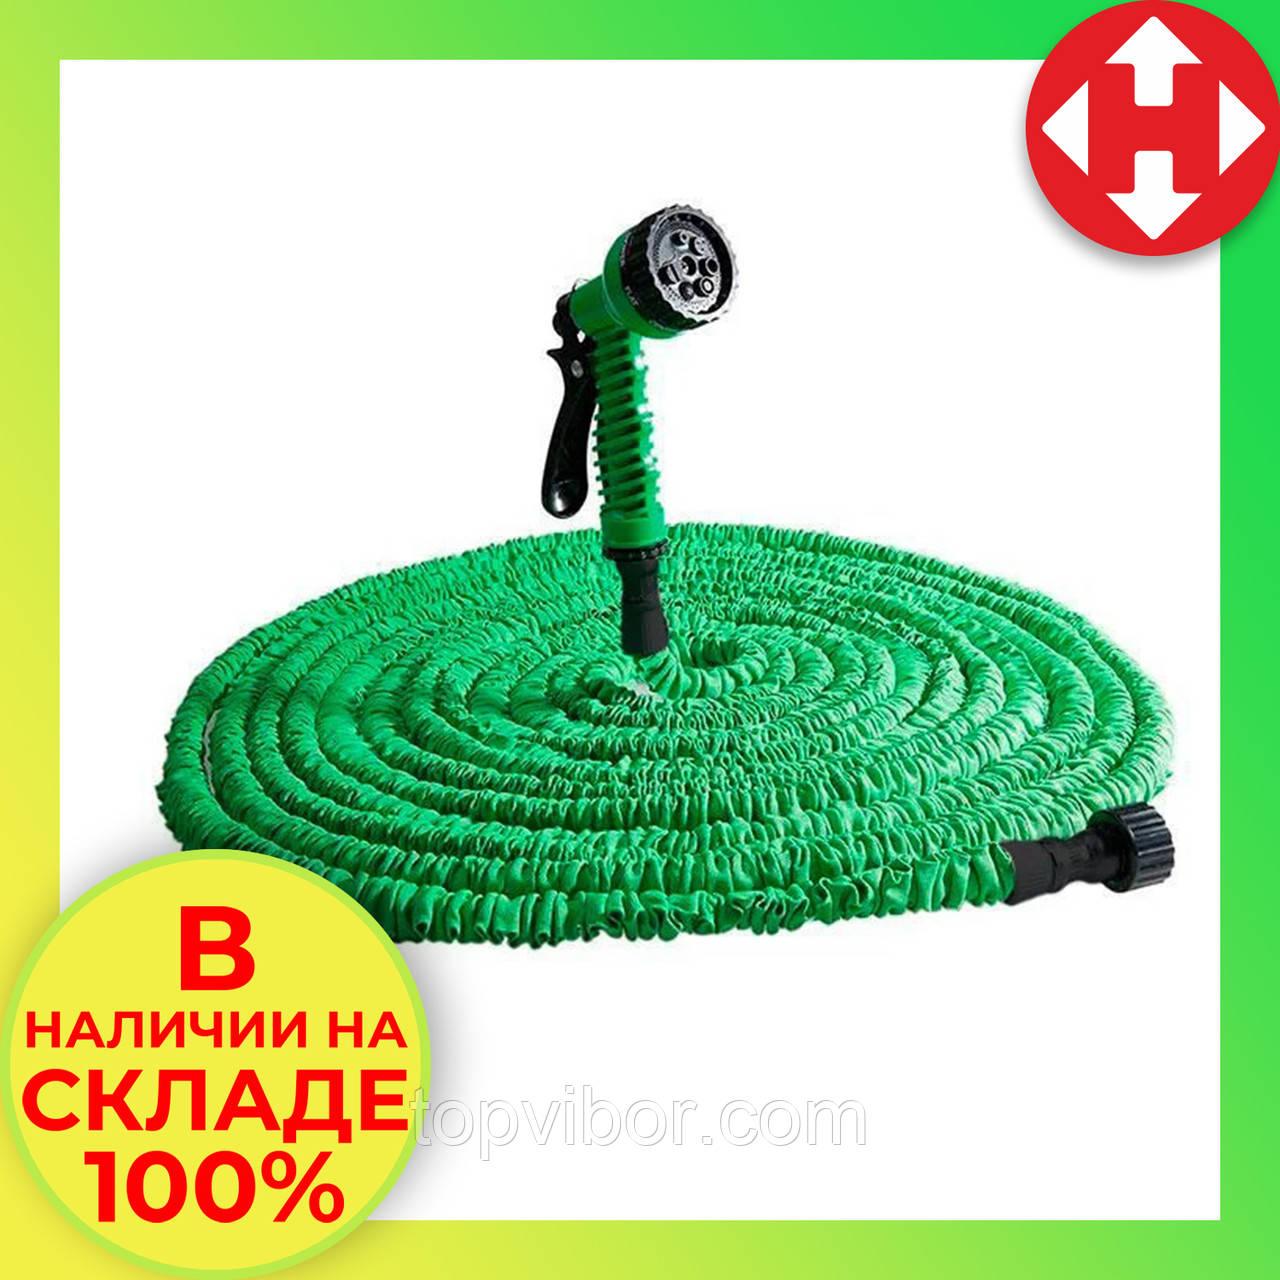 Распродажа! Садовый шланг для полива растягивающийся (XHose) 75м Зеленый с доставкой по Украине и Киеву